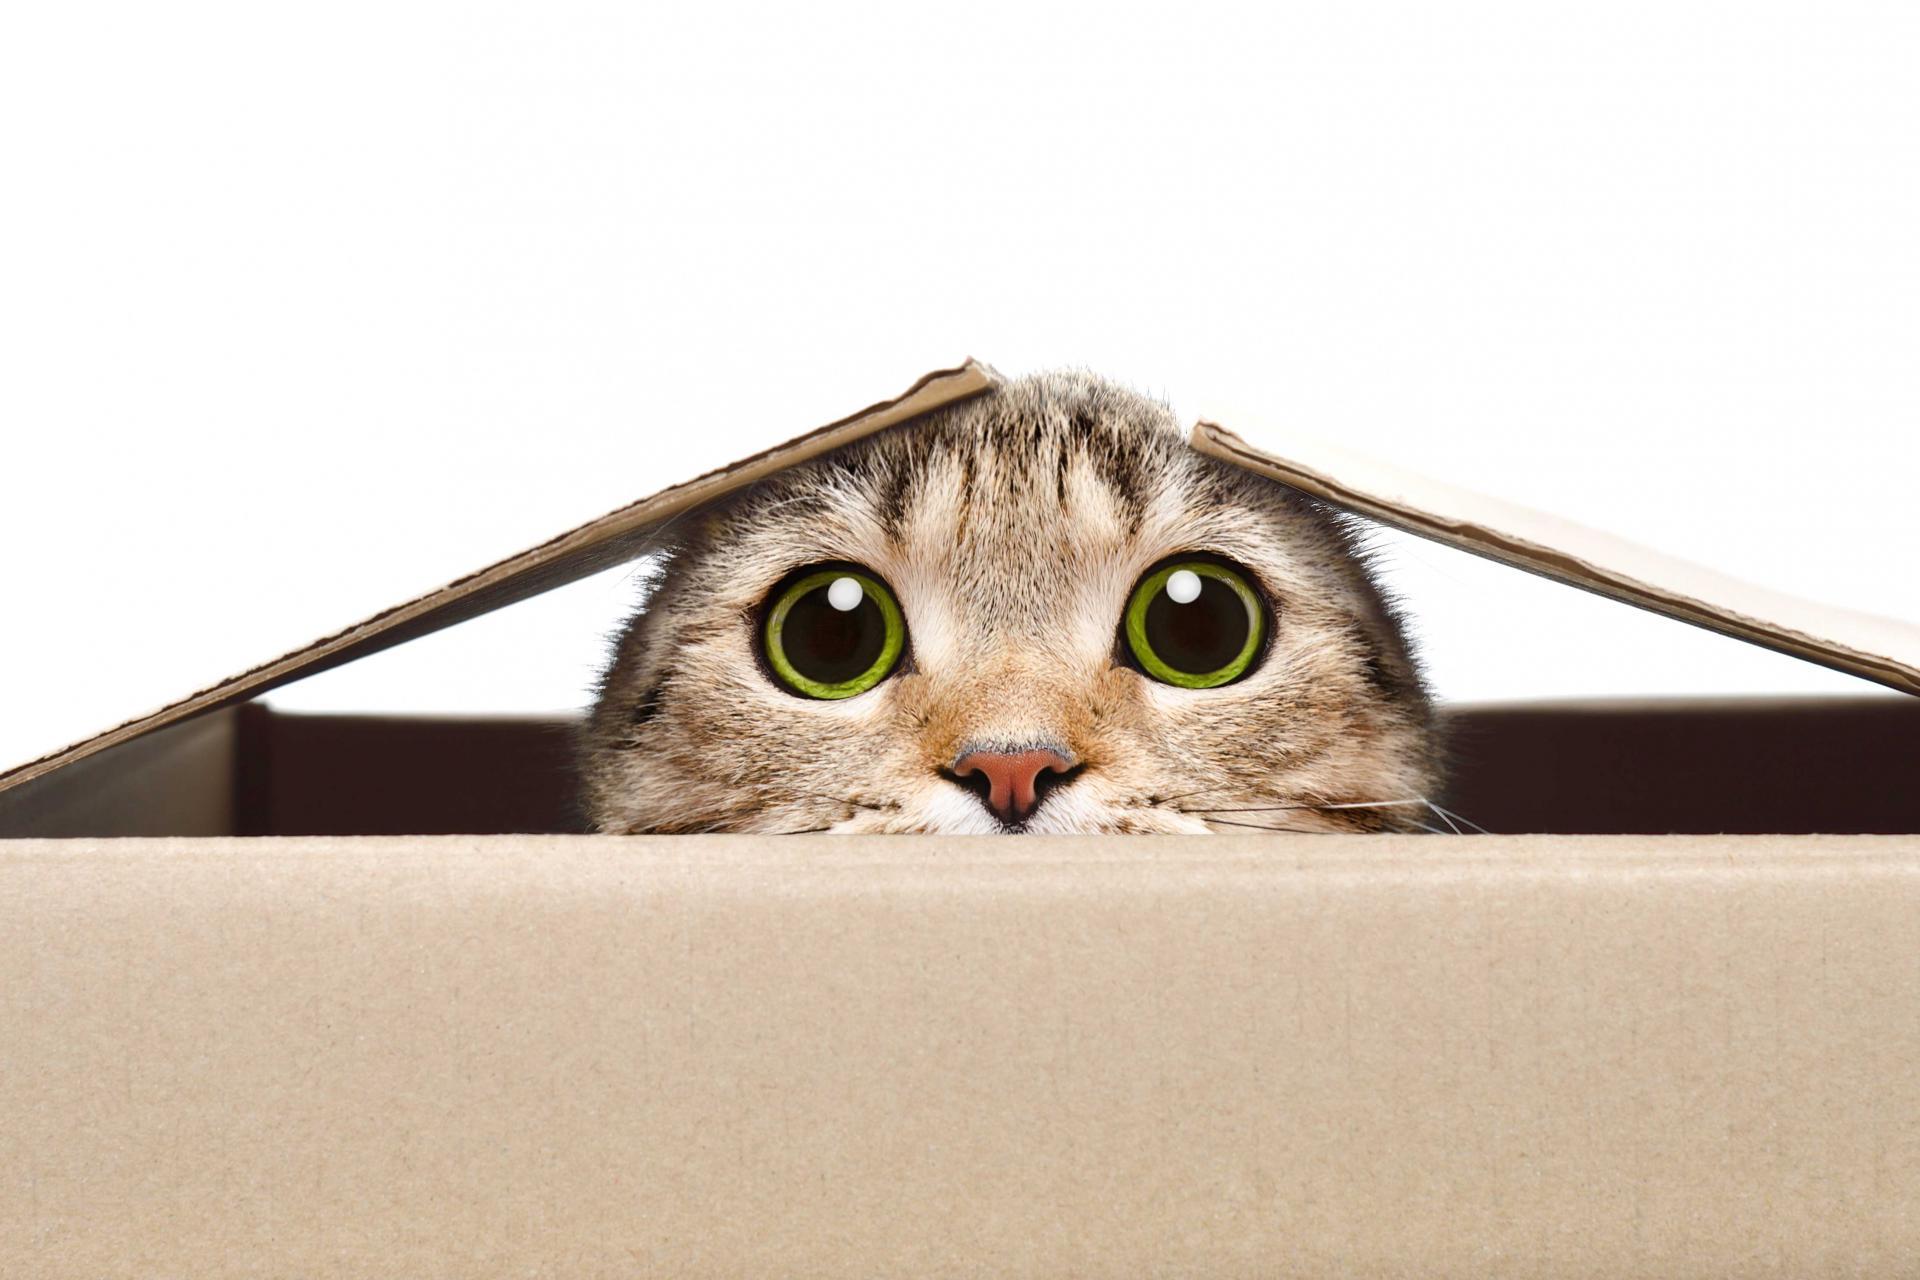 Katze guckt aus Kartonbox